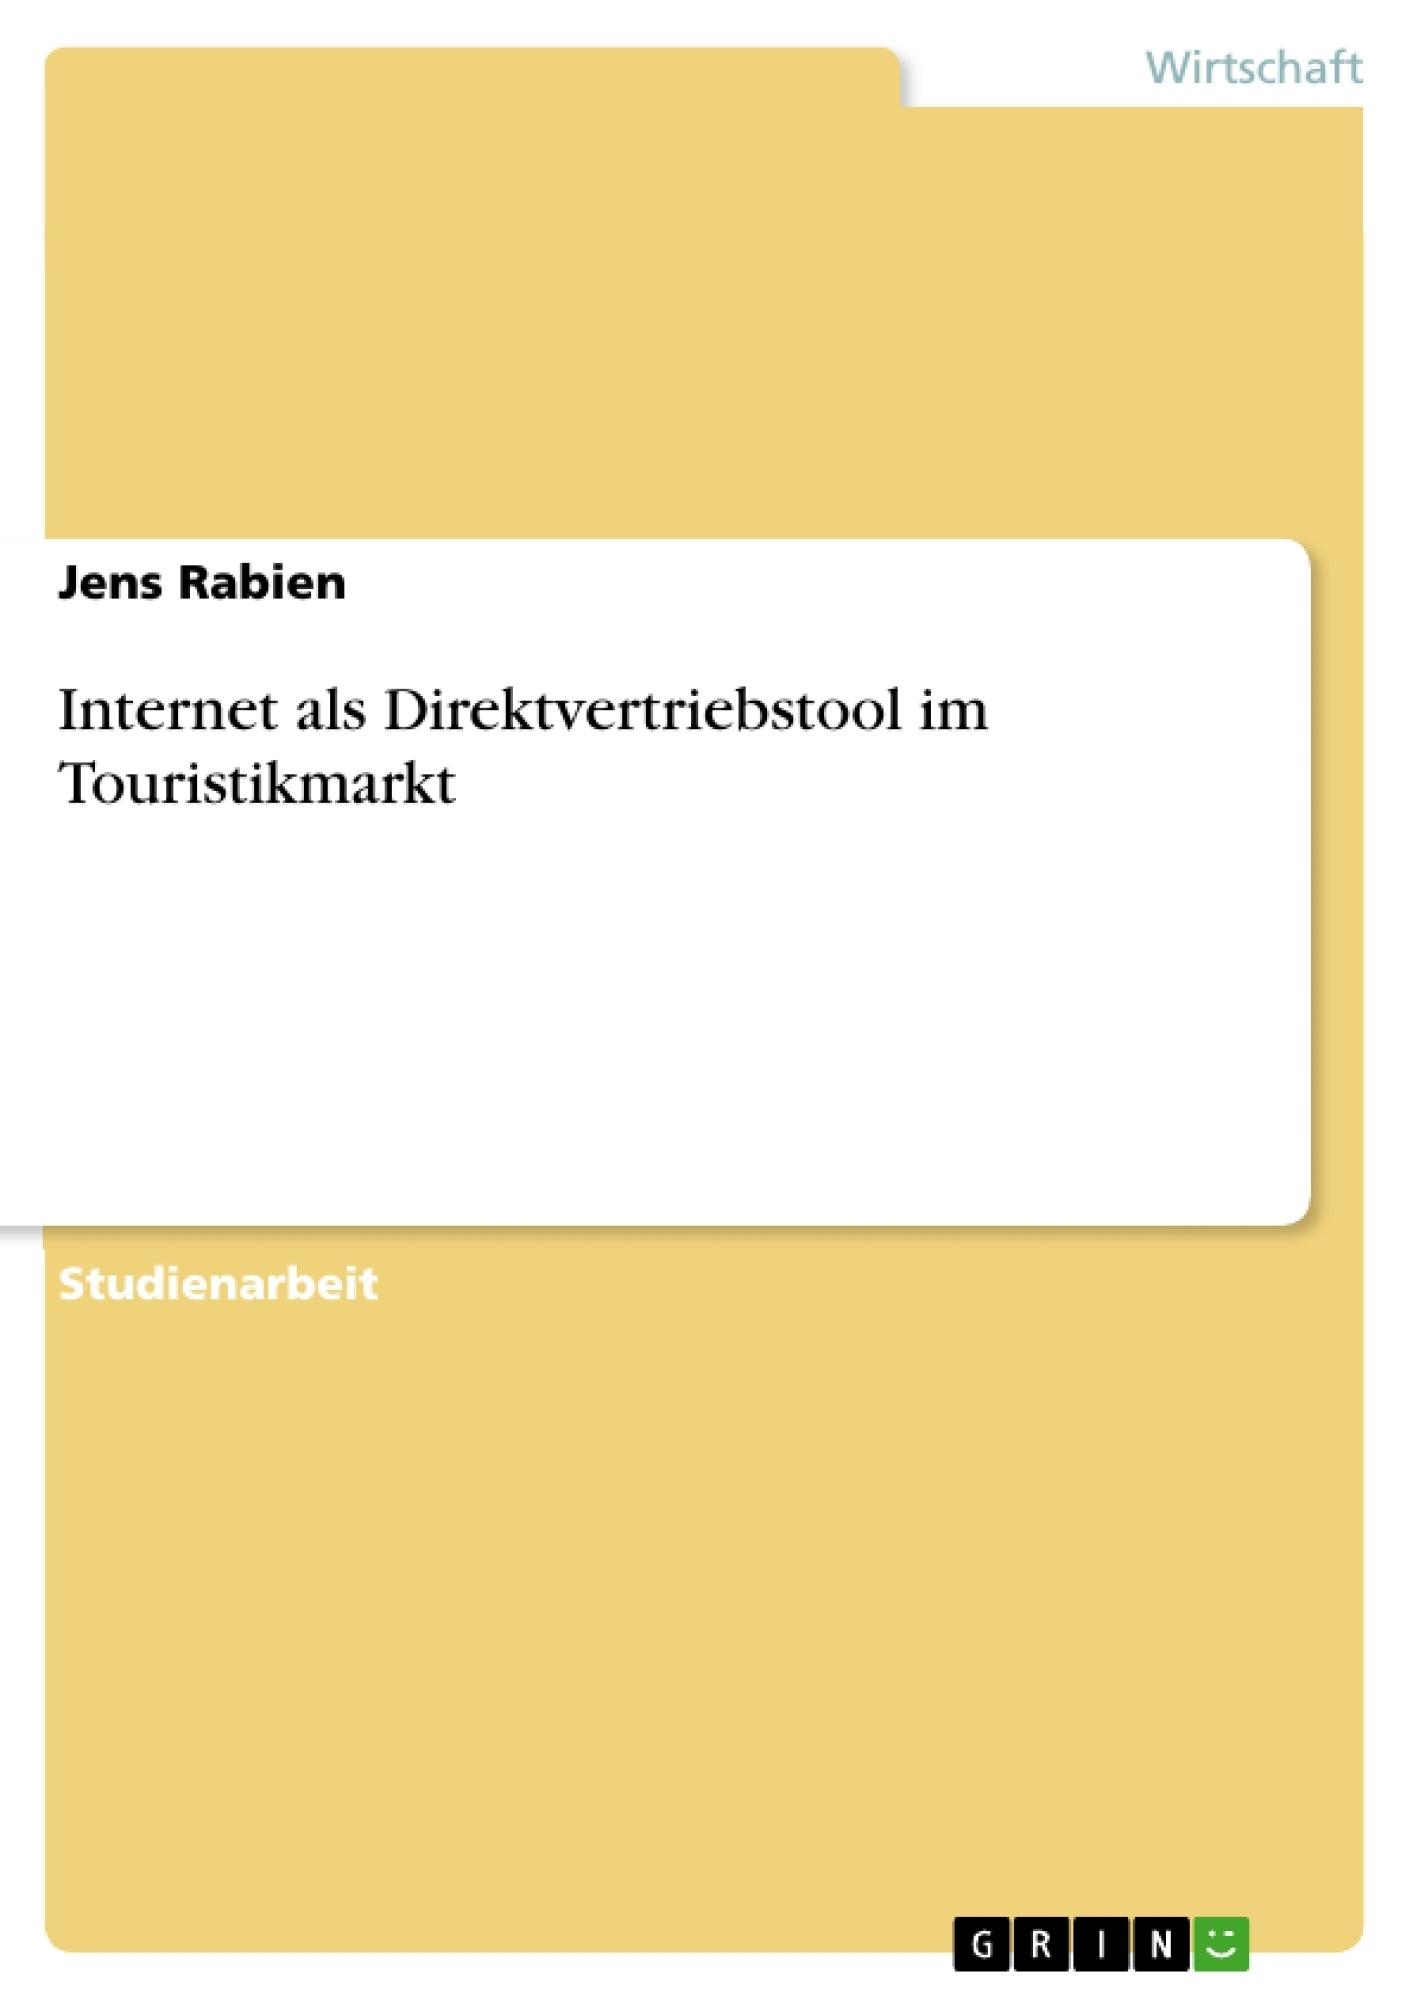 Titel: Internet als Direktvertriebstool im Touristikmarkt